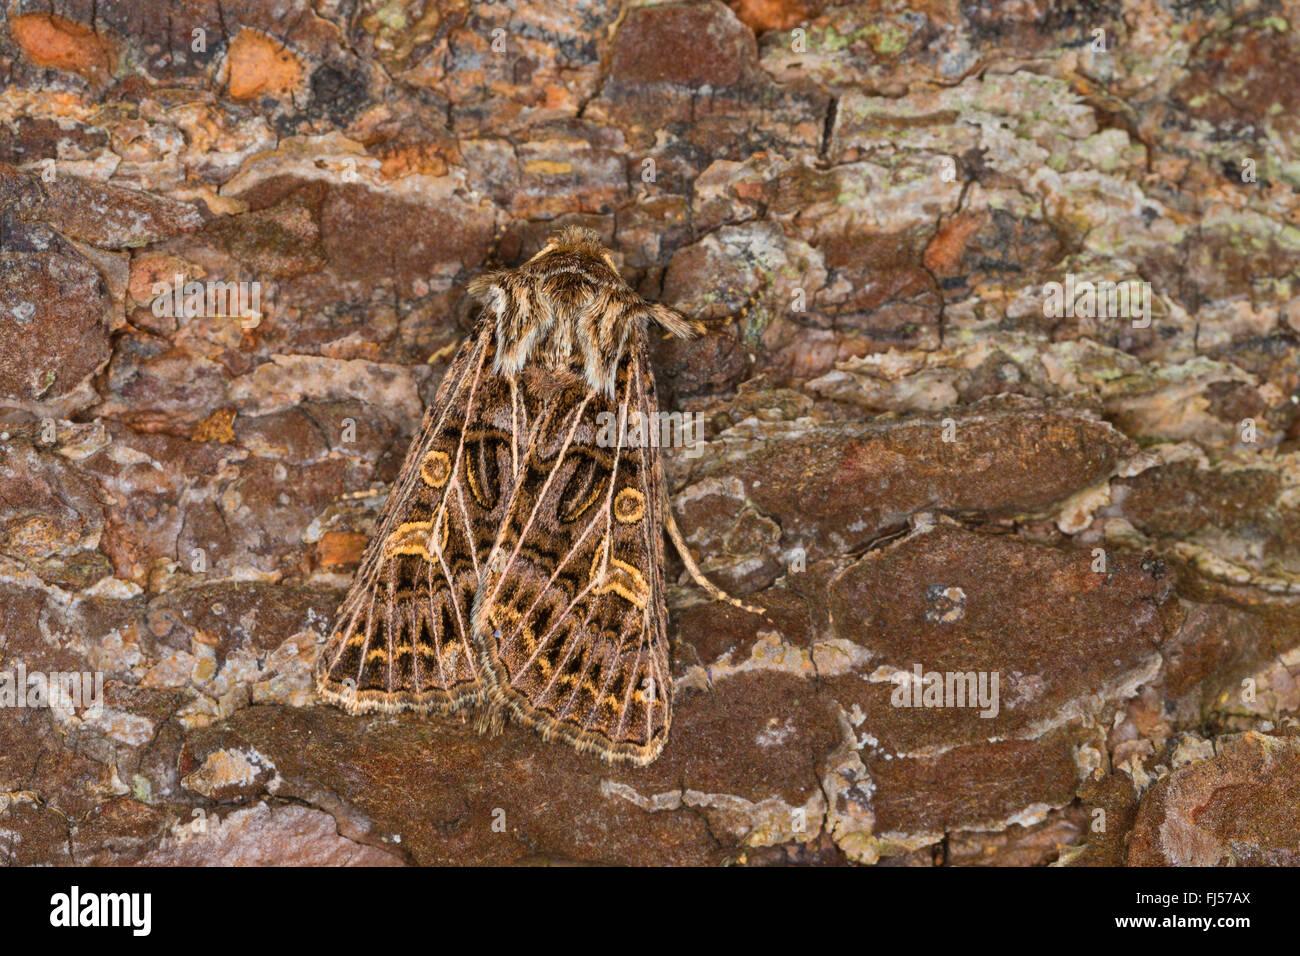 Feathered Gothic (Tholera decimalis, Epineuronia popularis), female, Germany - Stock Image